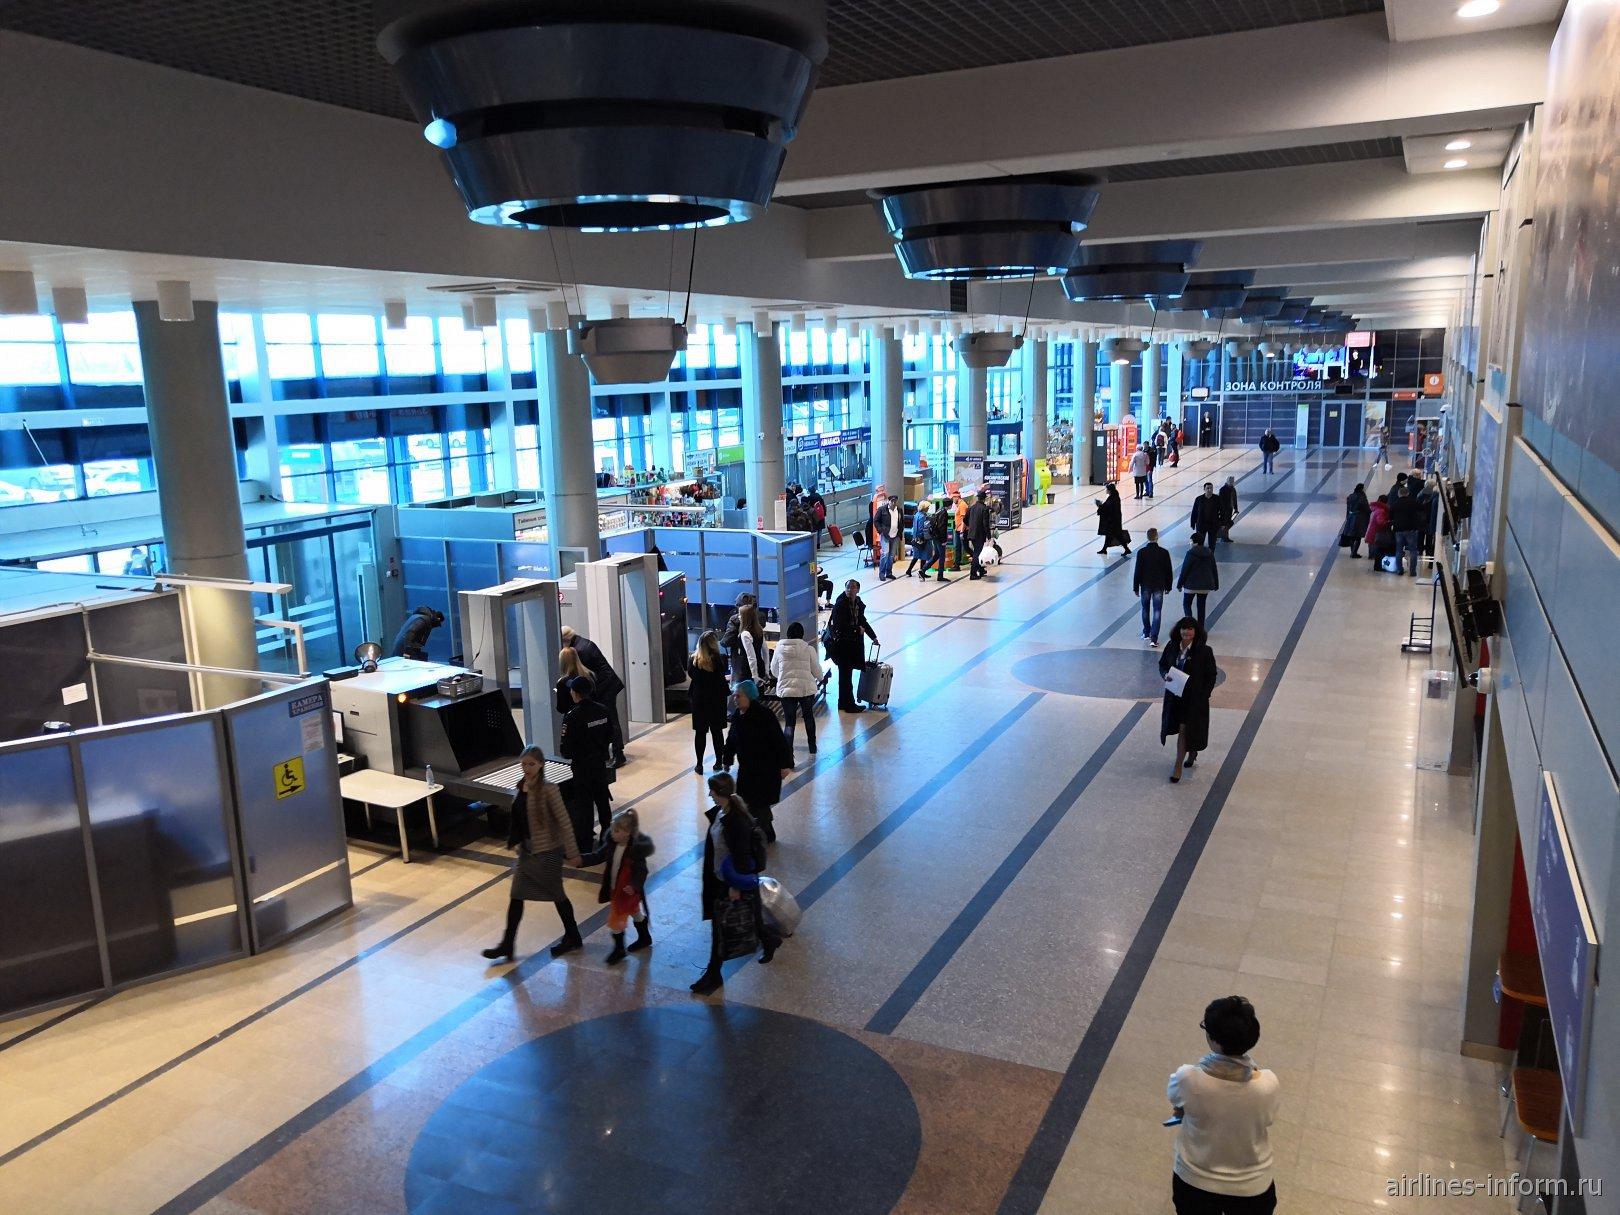 Общий вид терминала В аэропорта Омск Центральный